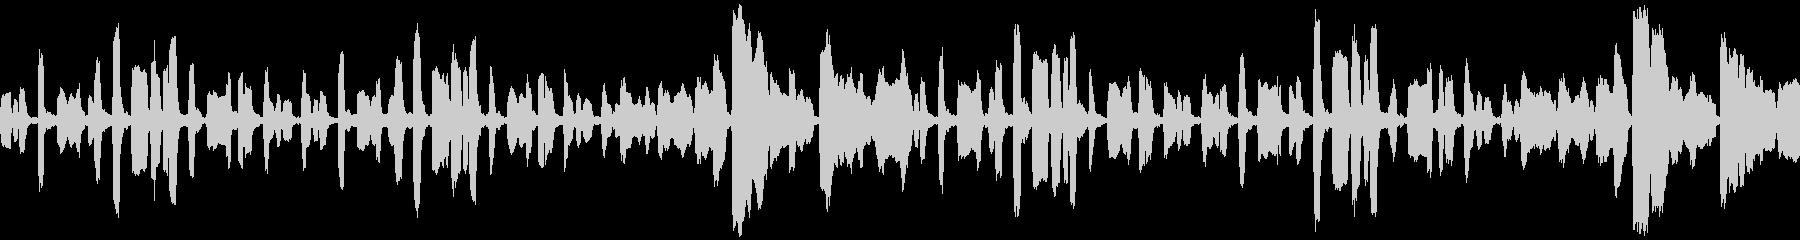 リコーダーのちょっぴり切ない曲_ループの未再生の波形